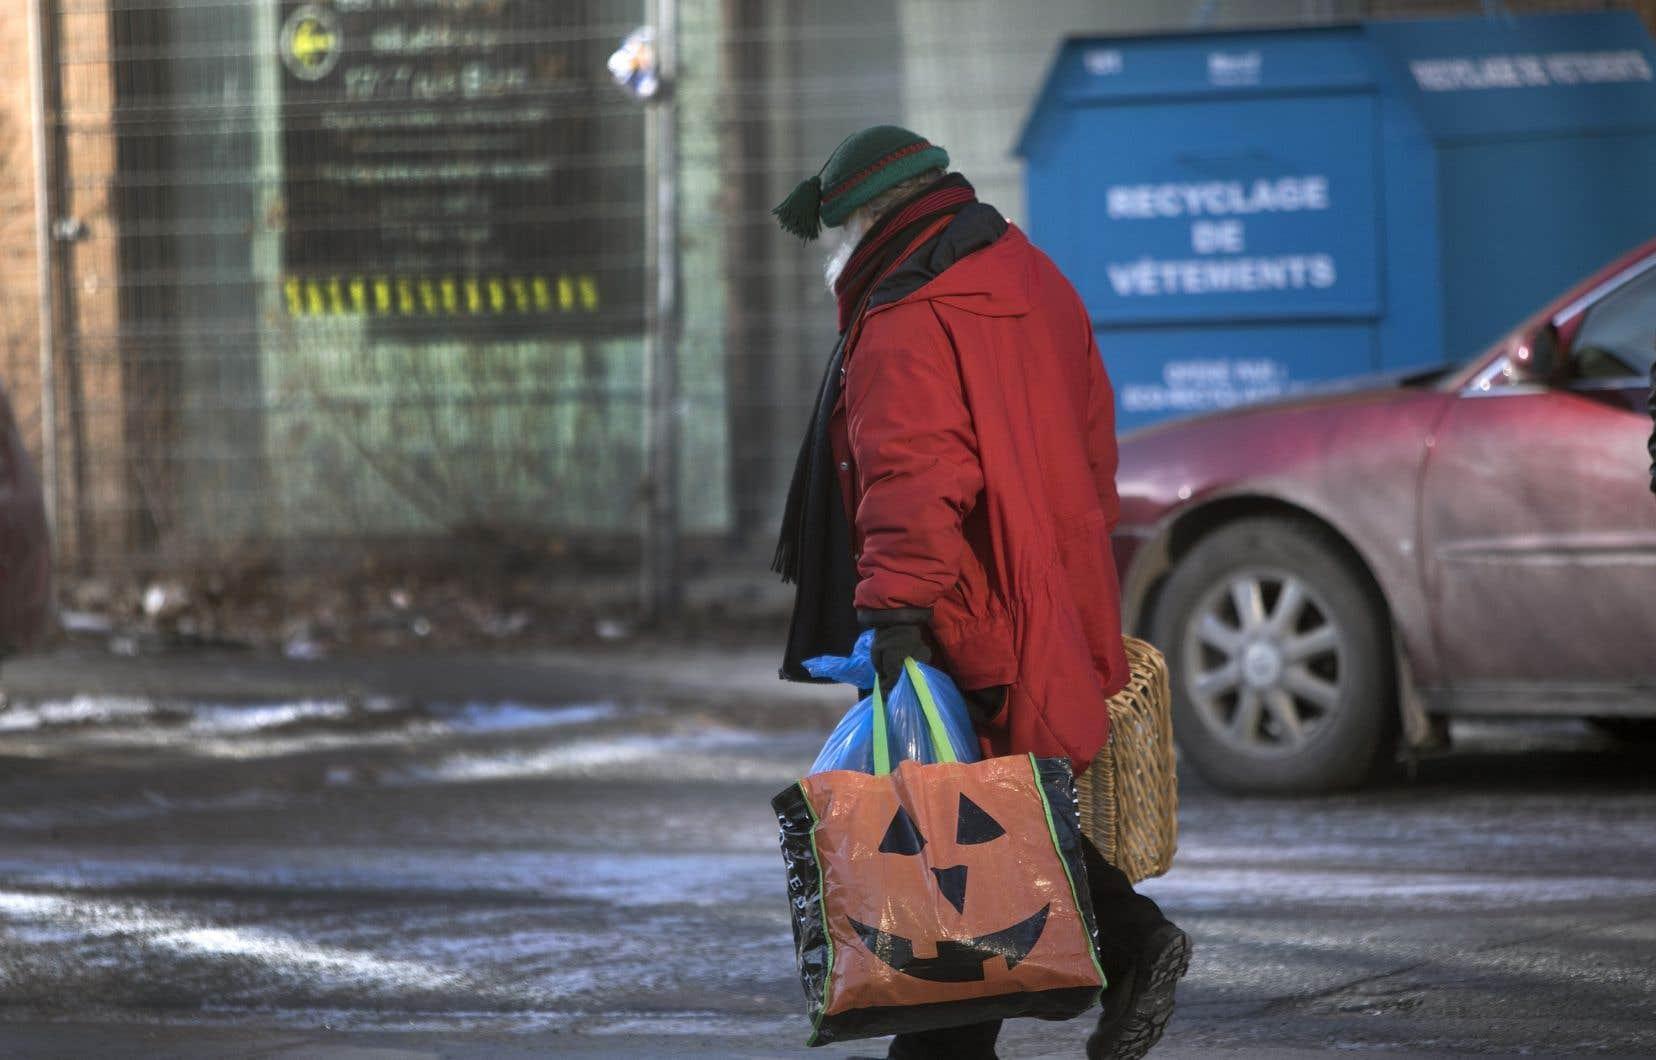 La pandémie  a mis en lumière les enjeux  de pauvreté  et les effets  sociétaux  des salaires  souvent trop basdes travailleurs  essentiels.